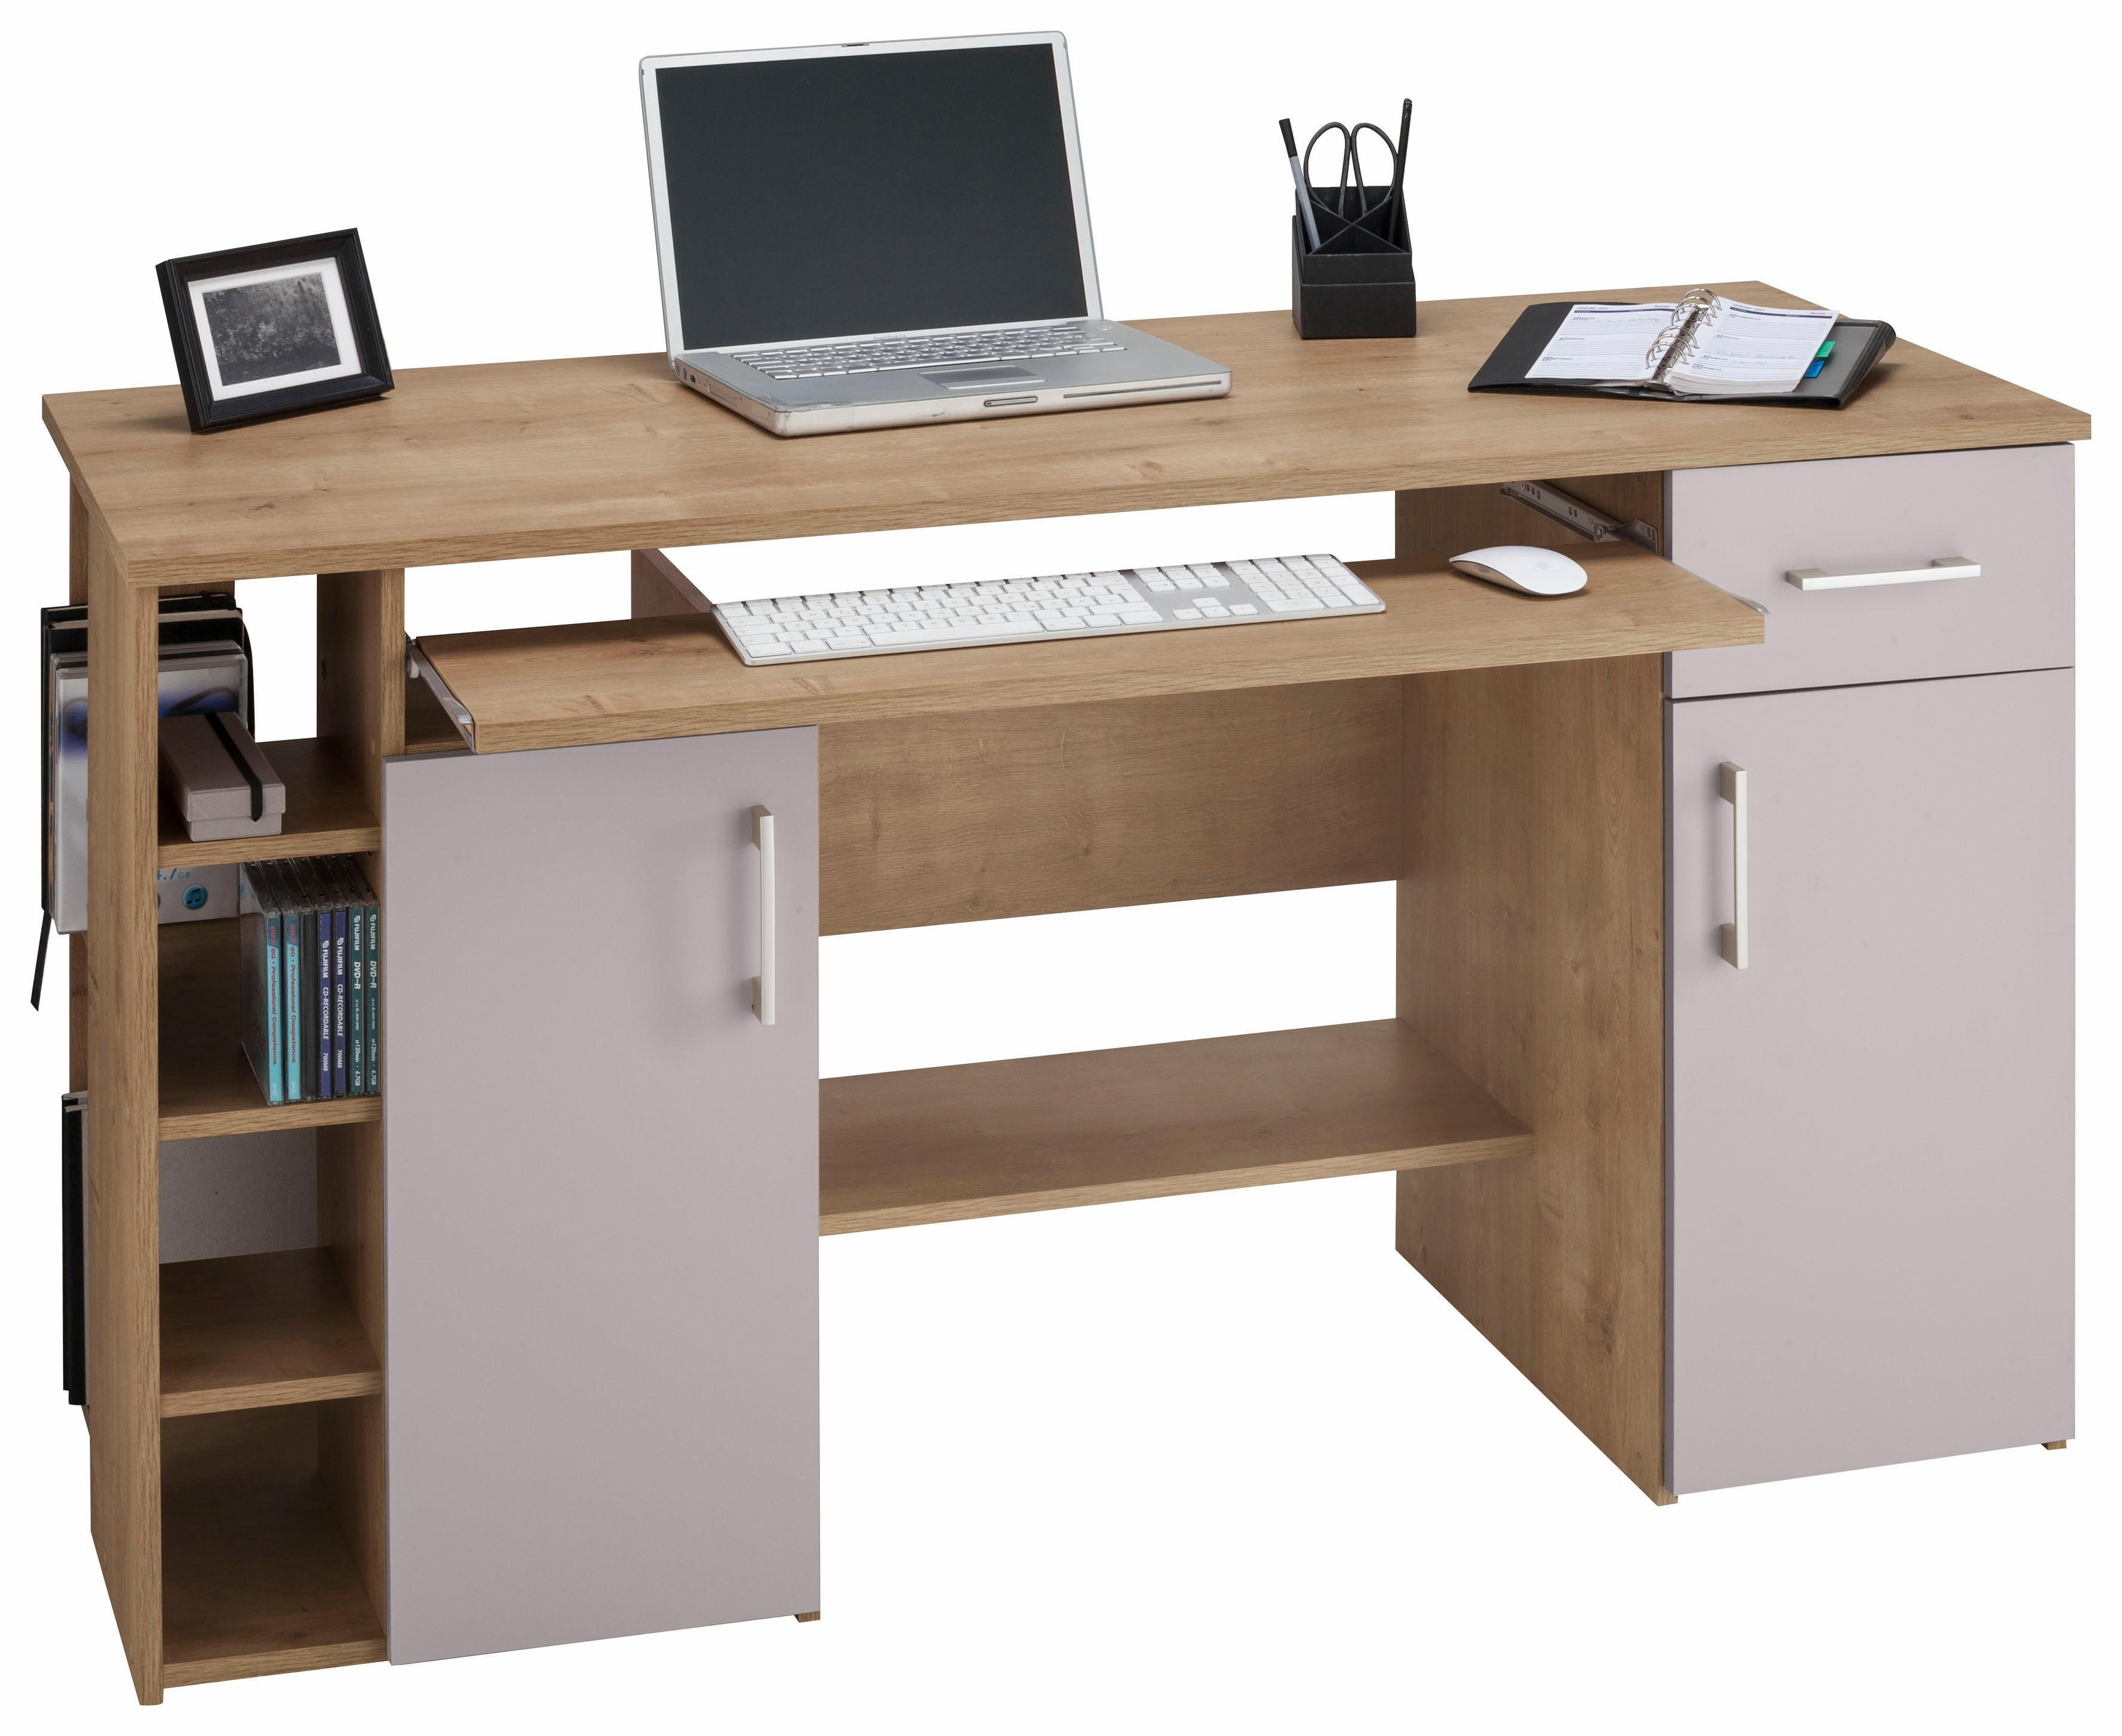 Schreibtisch »Tim«, mit 5 Fächern und Tastaturauszug | Büro > Bürotische > Schreibtische | Weiß | Sonoma - Melamin